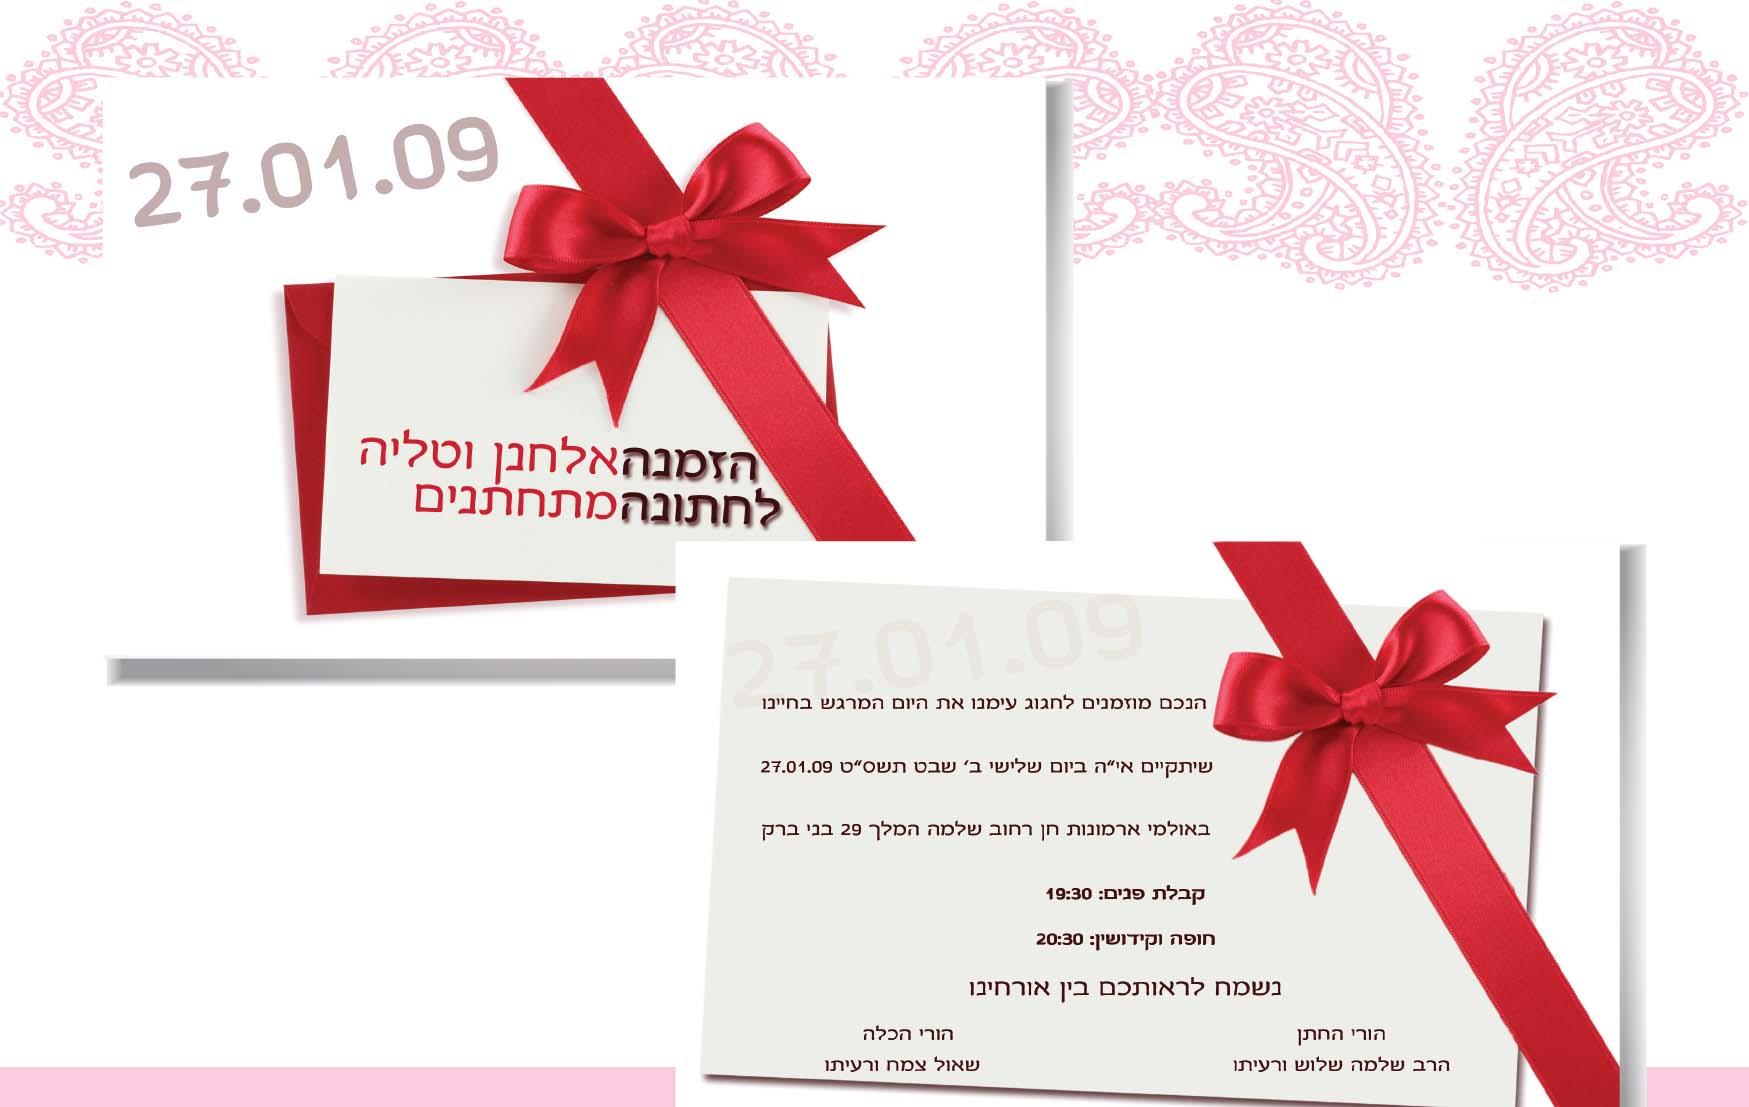 הזמנה  לחתונה לדוגמה קורס מעצבים גרפיים תקשורת